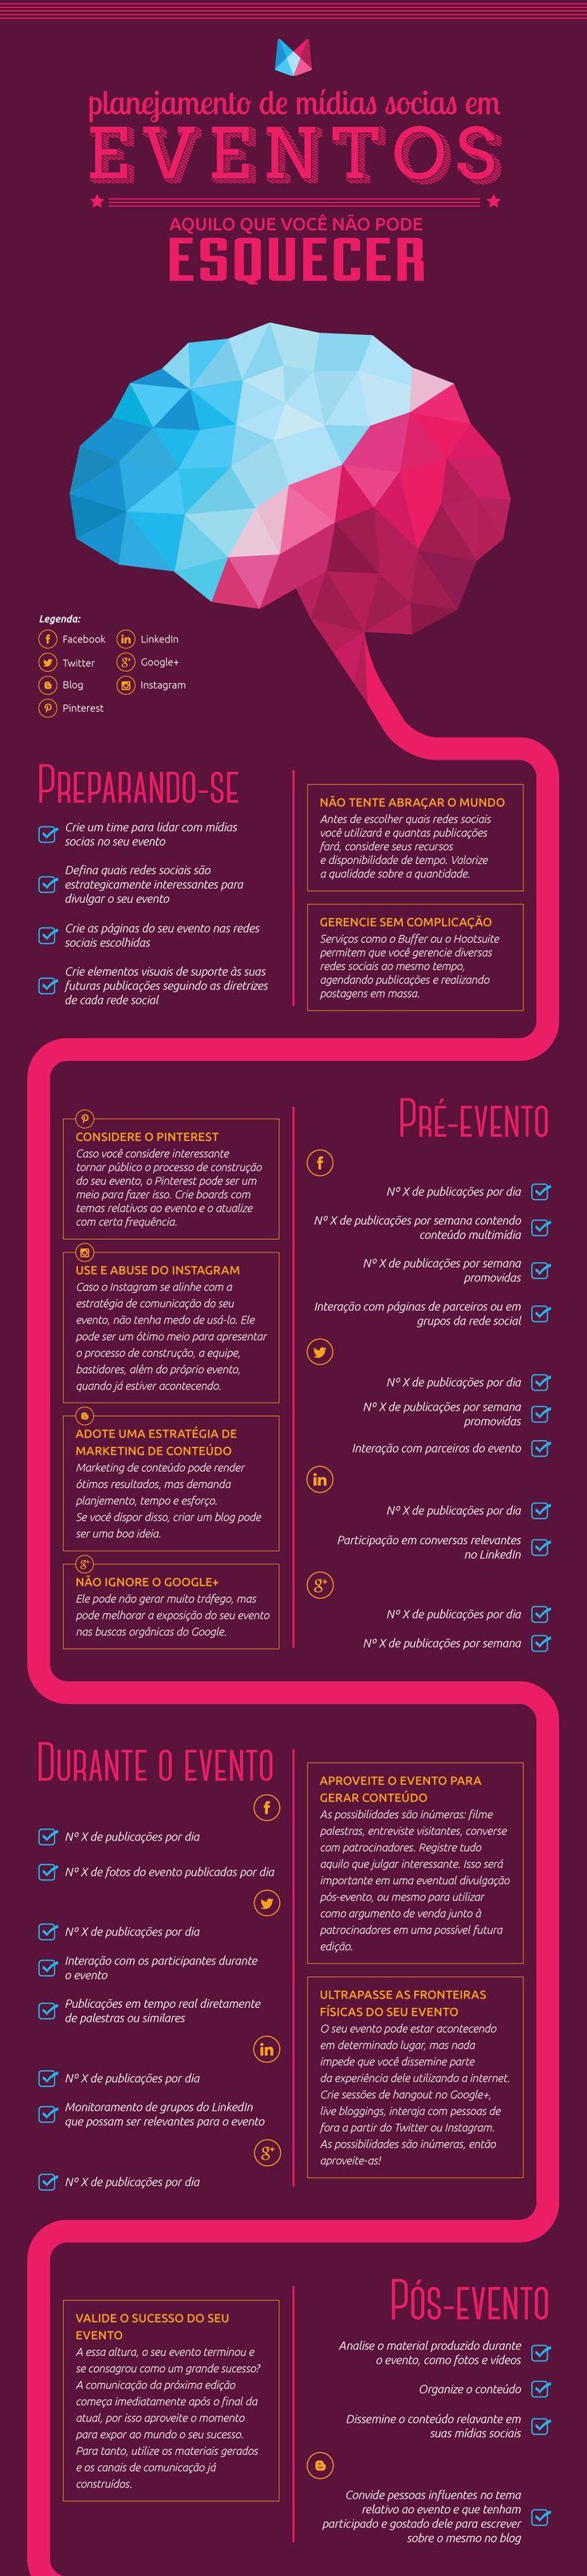 Planejamento de mídias sociais em eventos